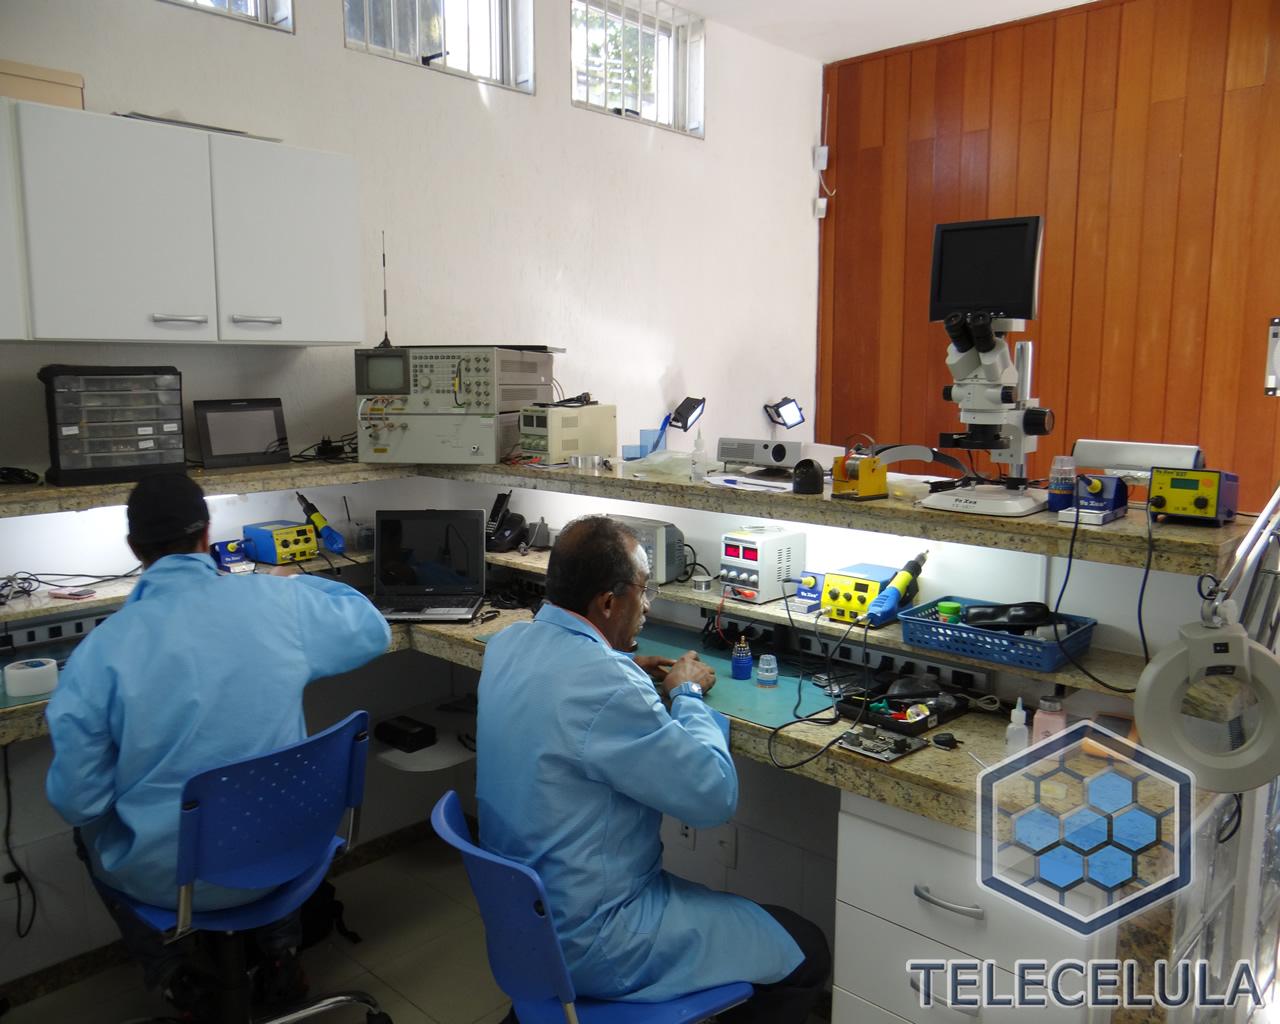 Fotos Treinamento Telecelula Eletrônica Básica e Bancada  #834420 1280x1024